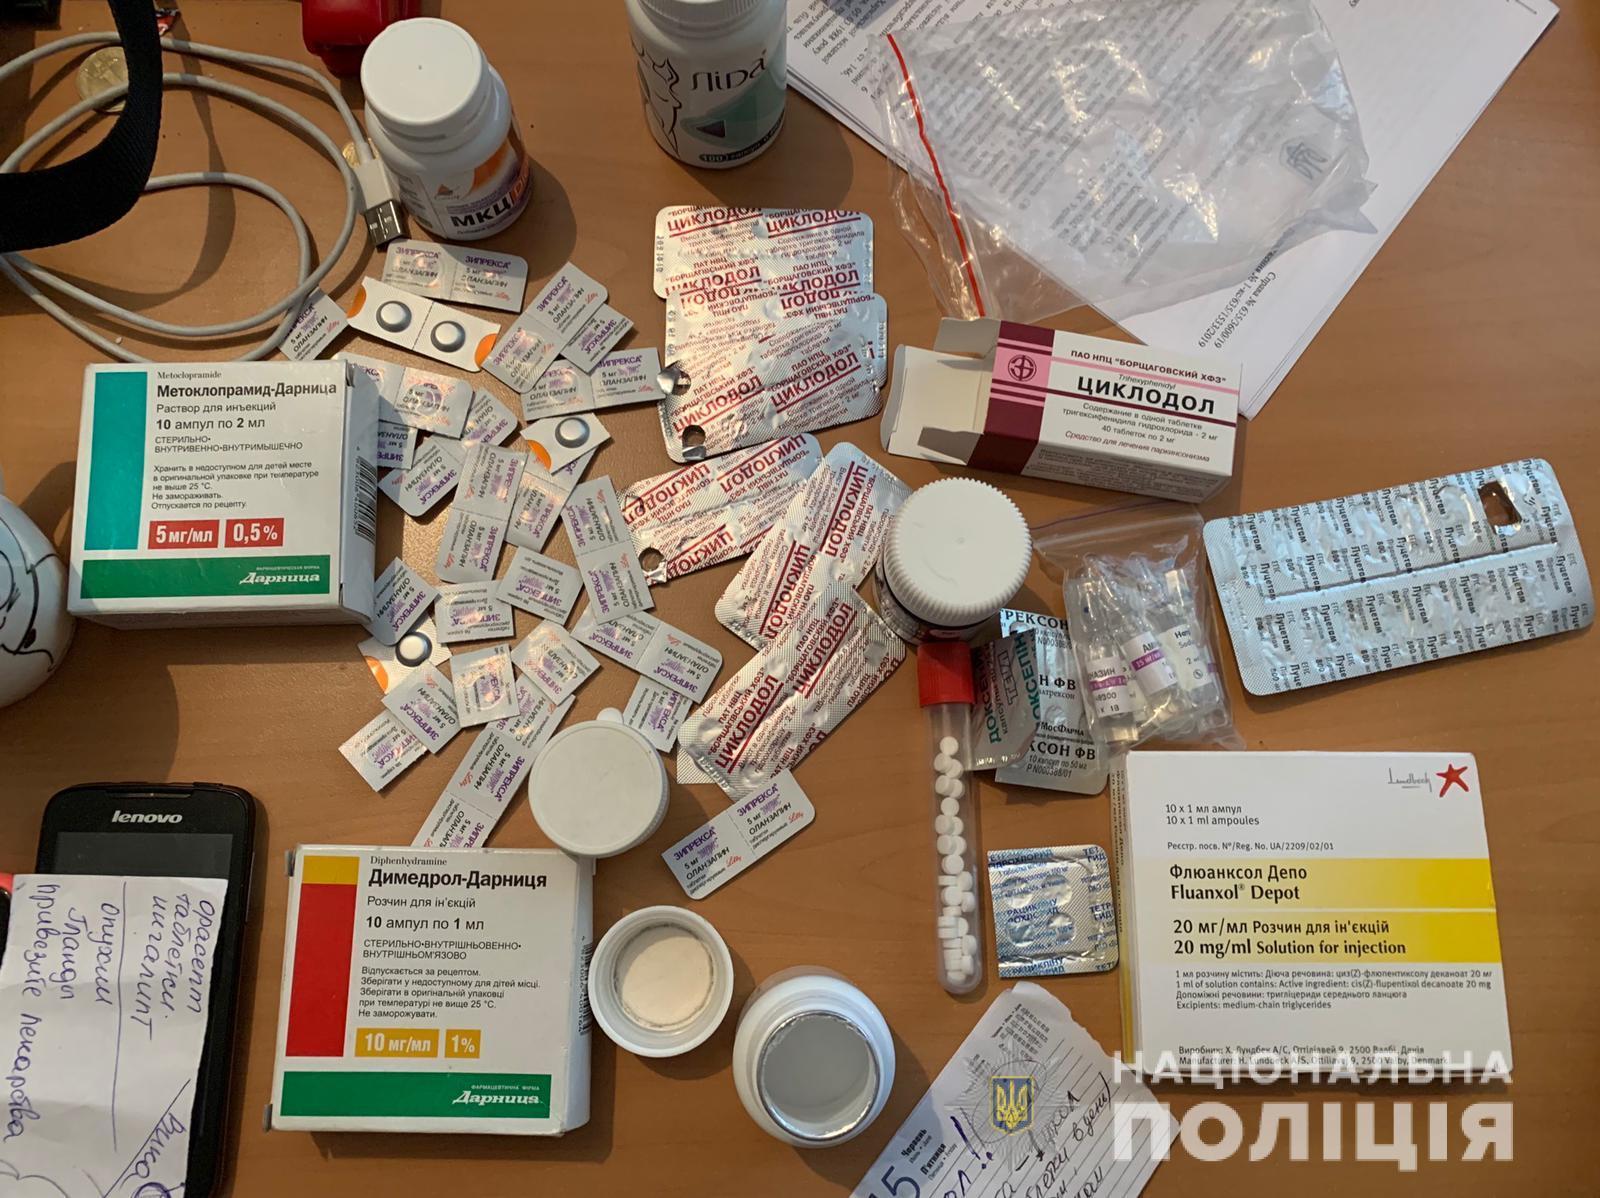 Людей кормили сомнительными таблетками